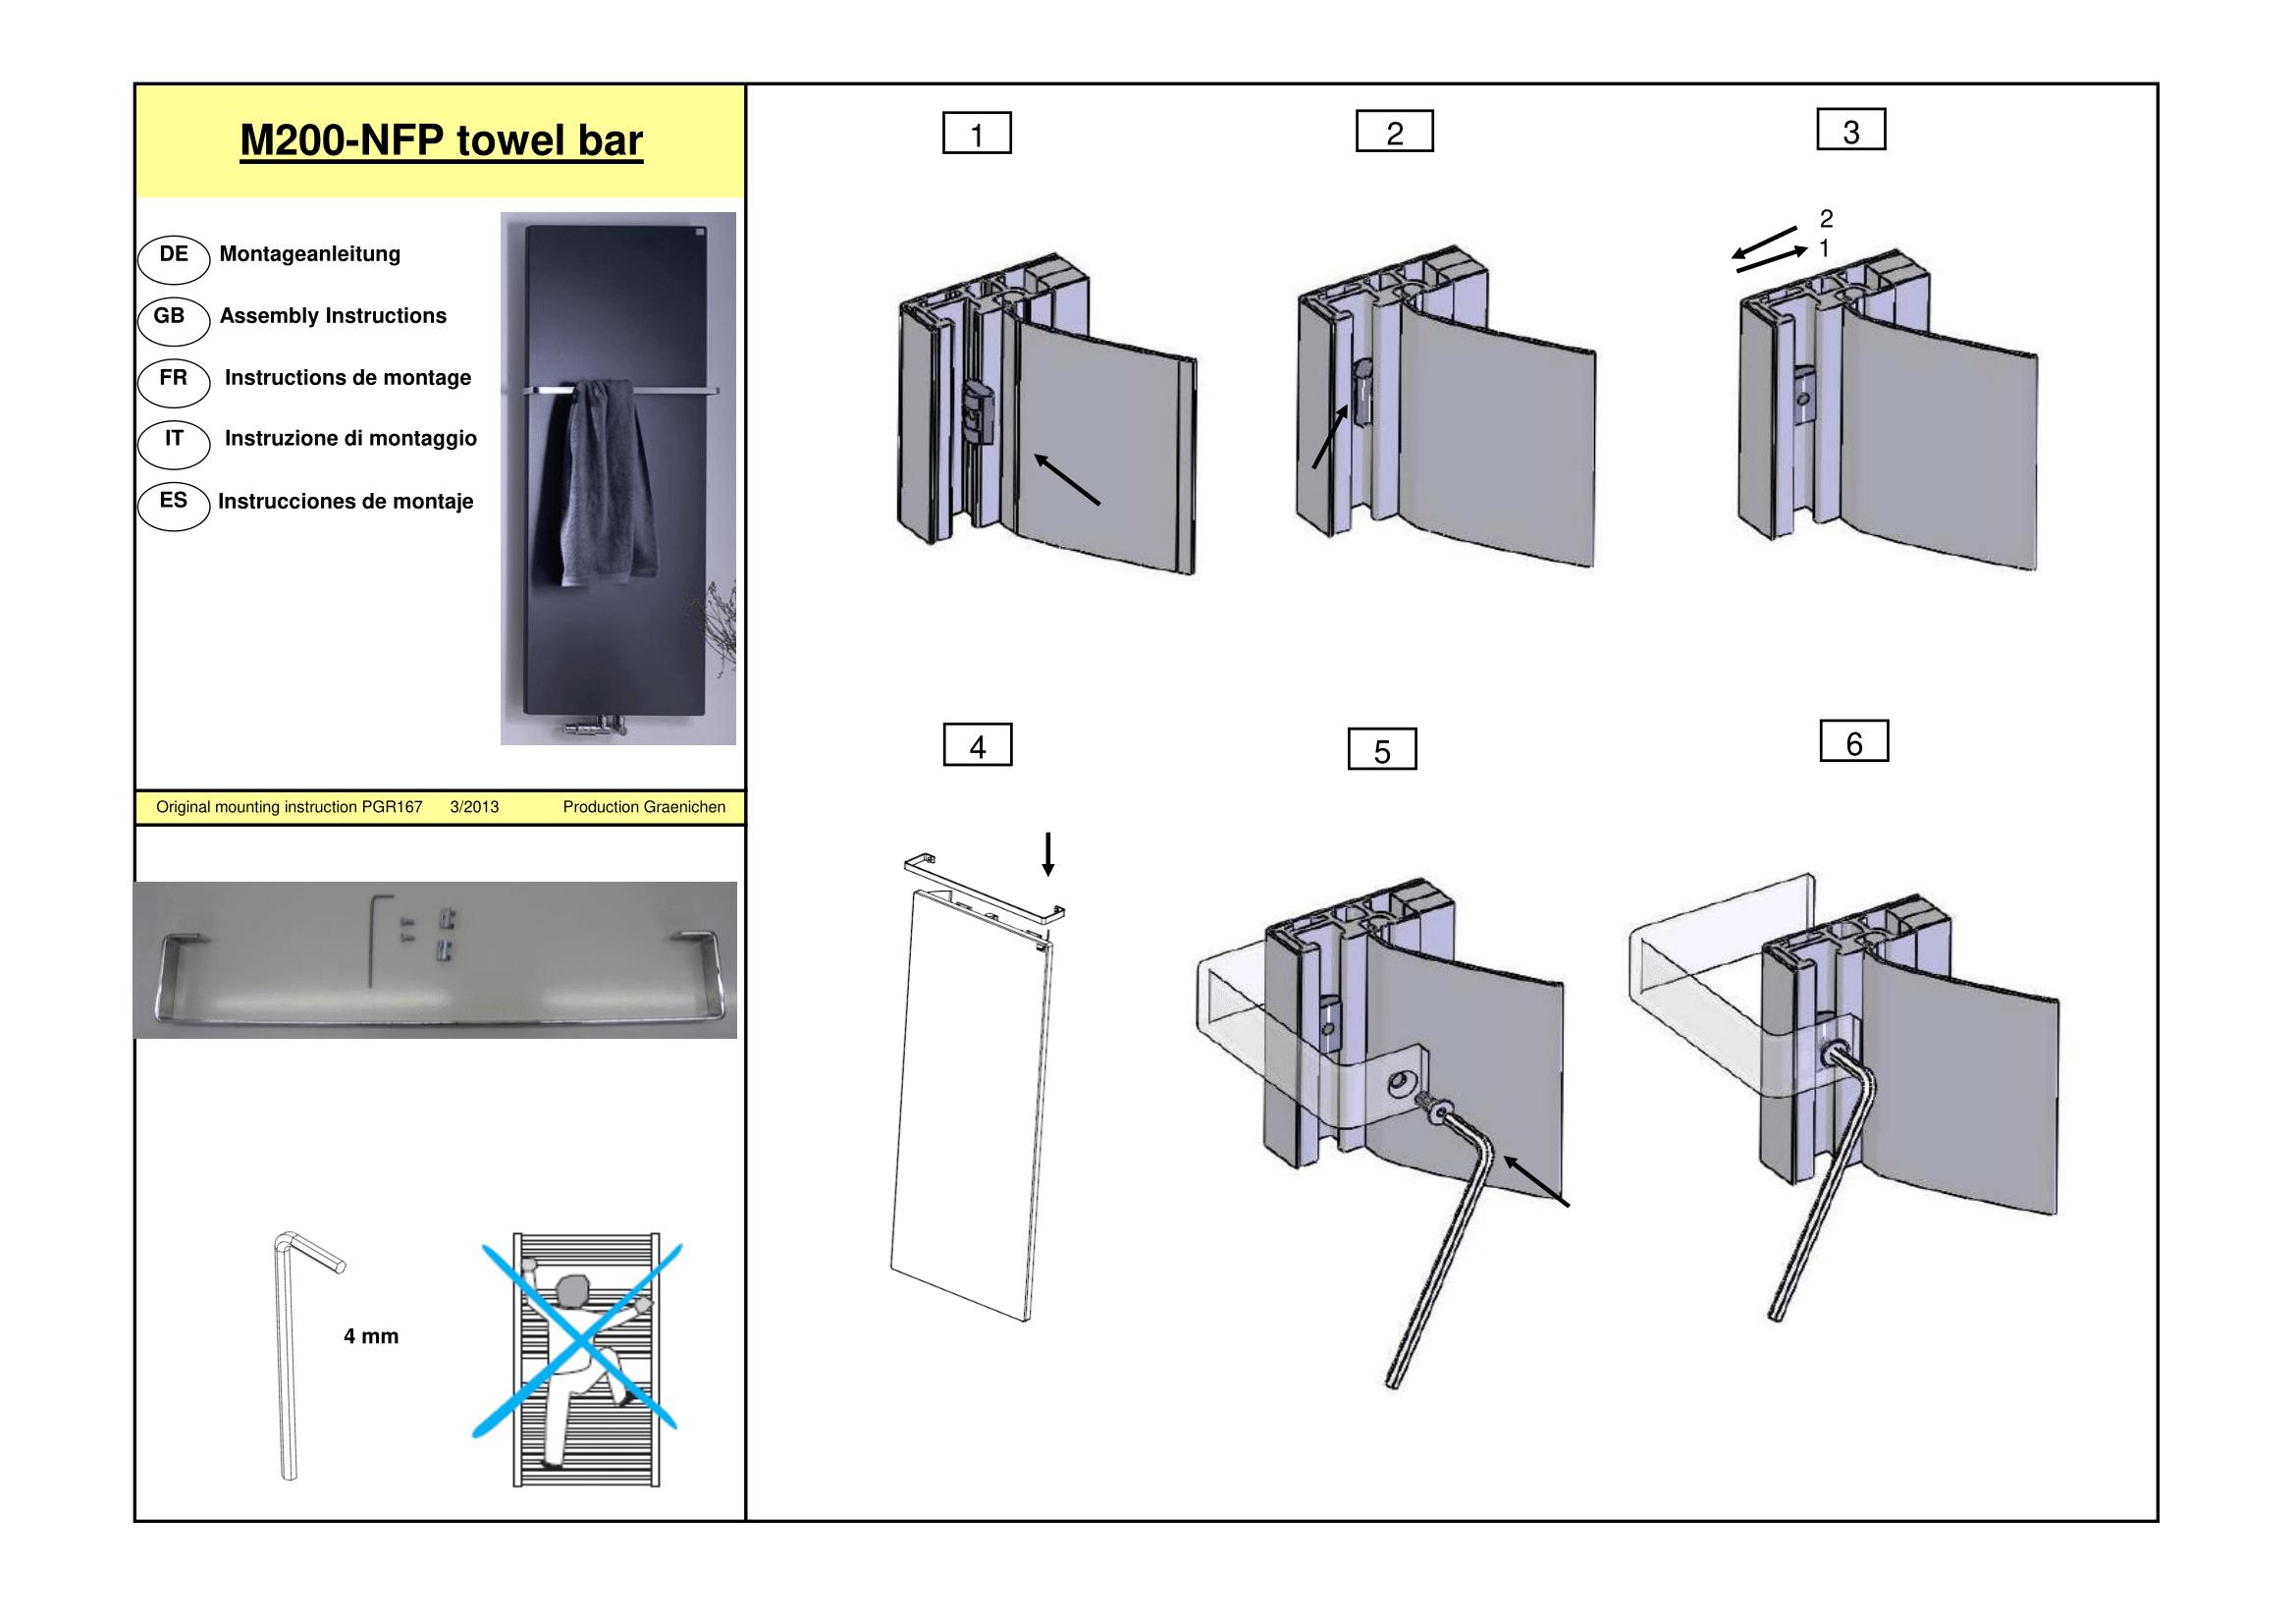 Фотография Инструкция по монтажу дизайнерского полотенцесушителя Zehnder Fina Bar